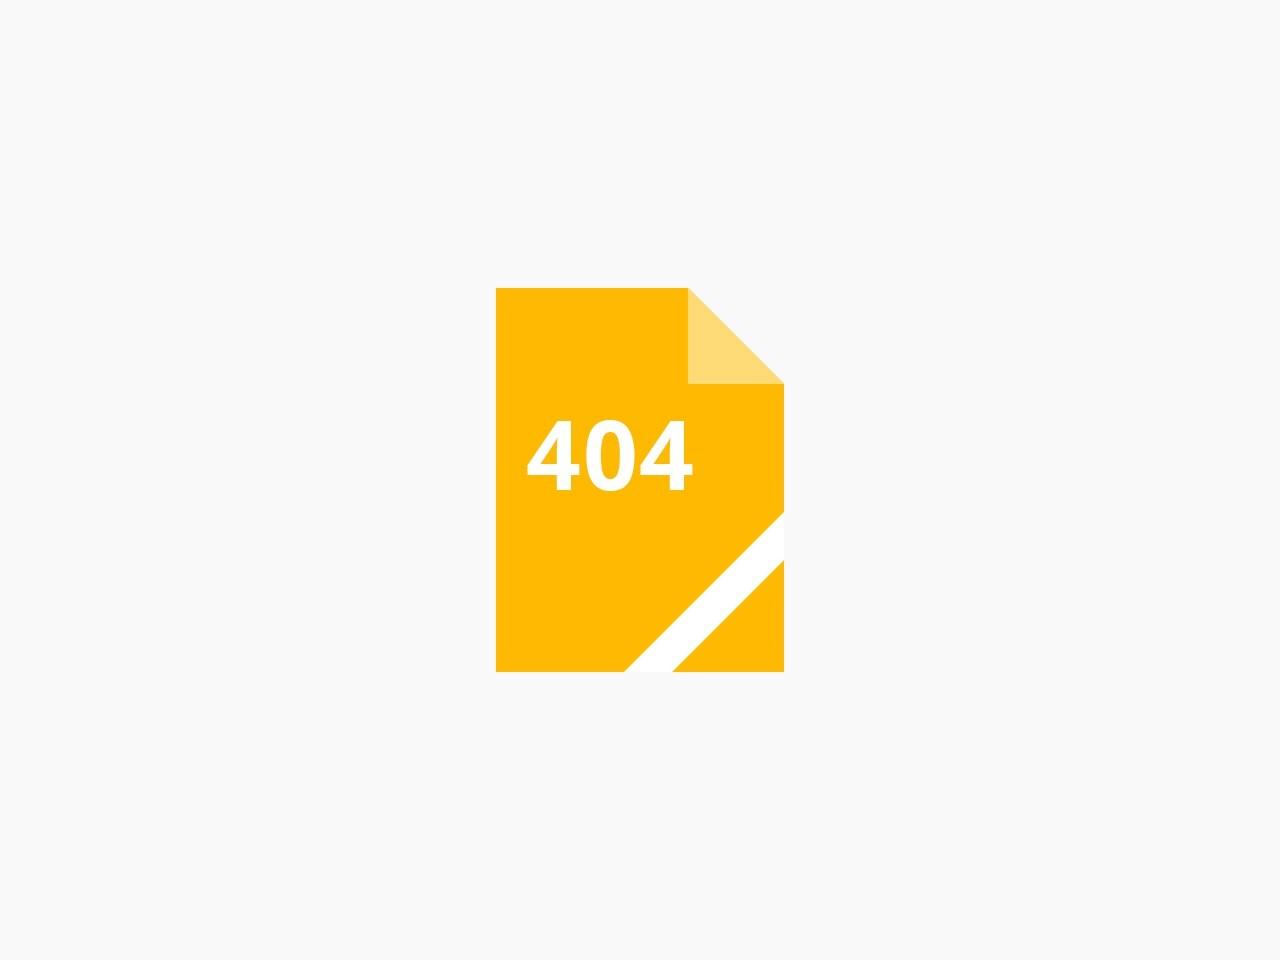 红模网 - 摄影模特网,内衣模特,平面模特,找模特,模特美女,模特招聘,约拍模特